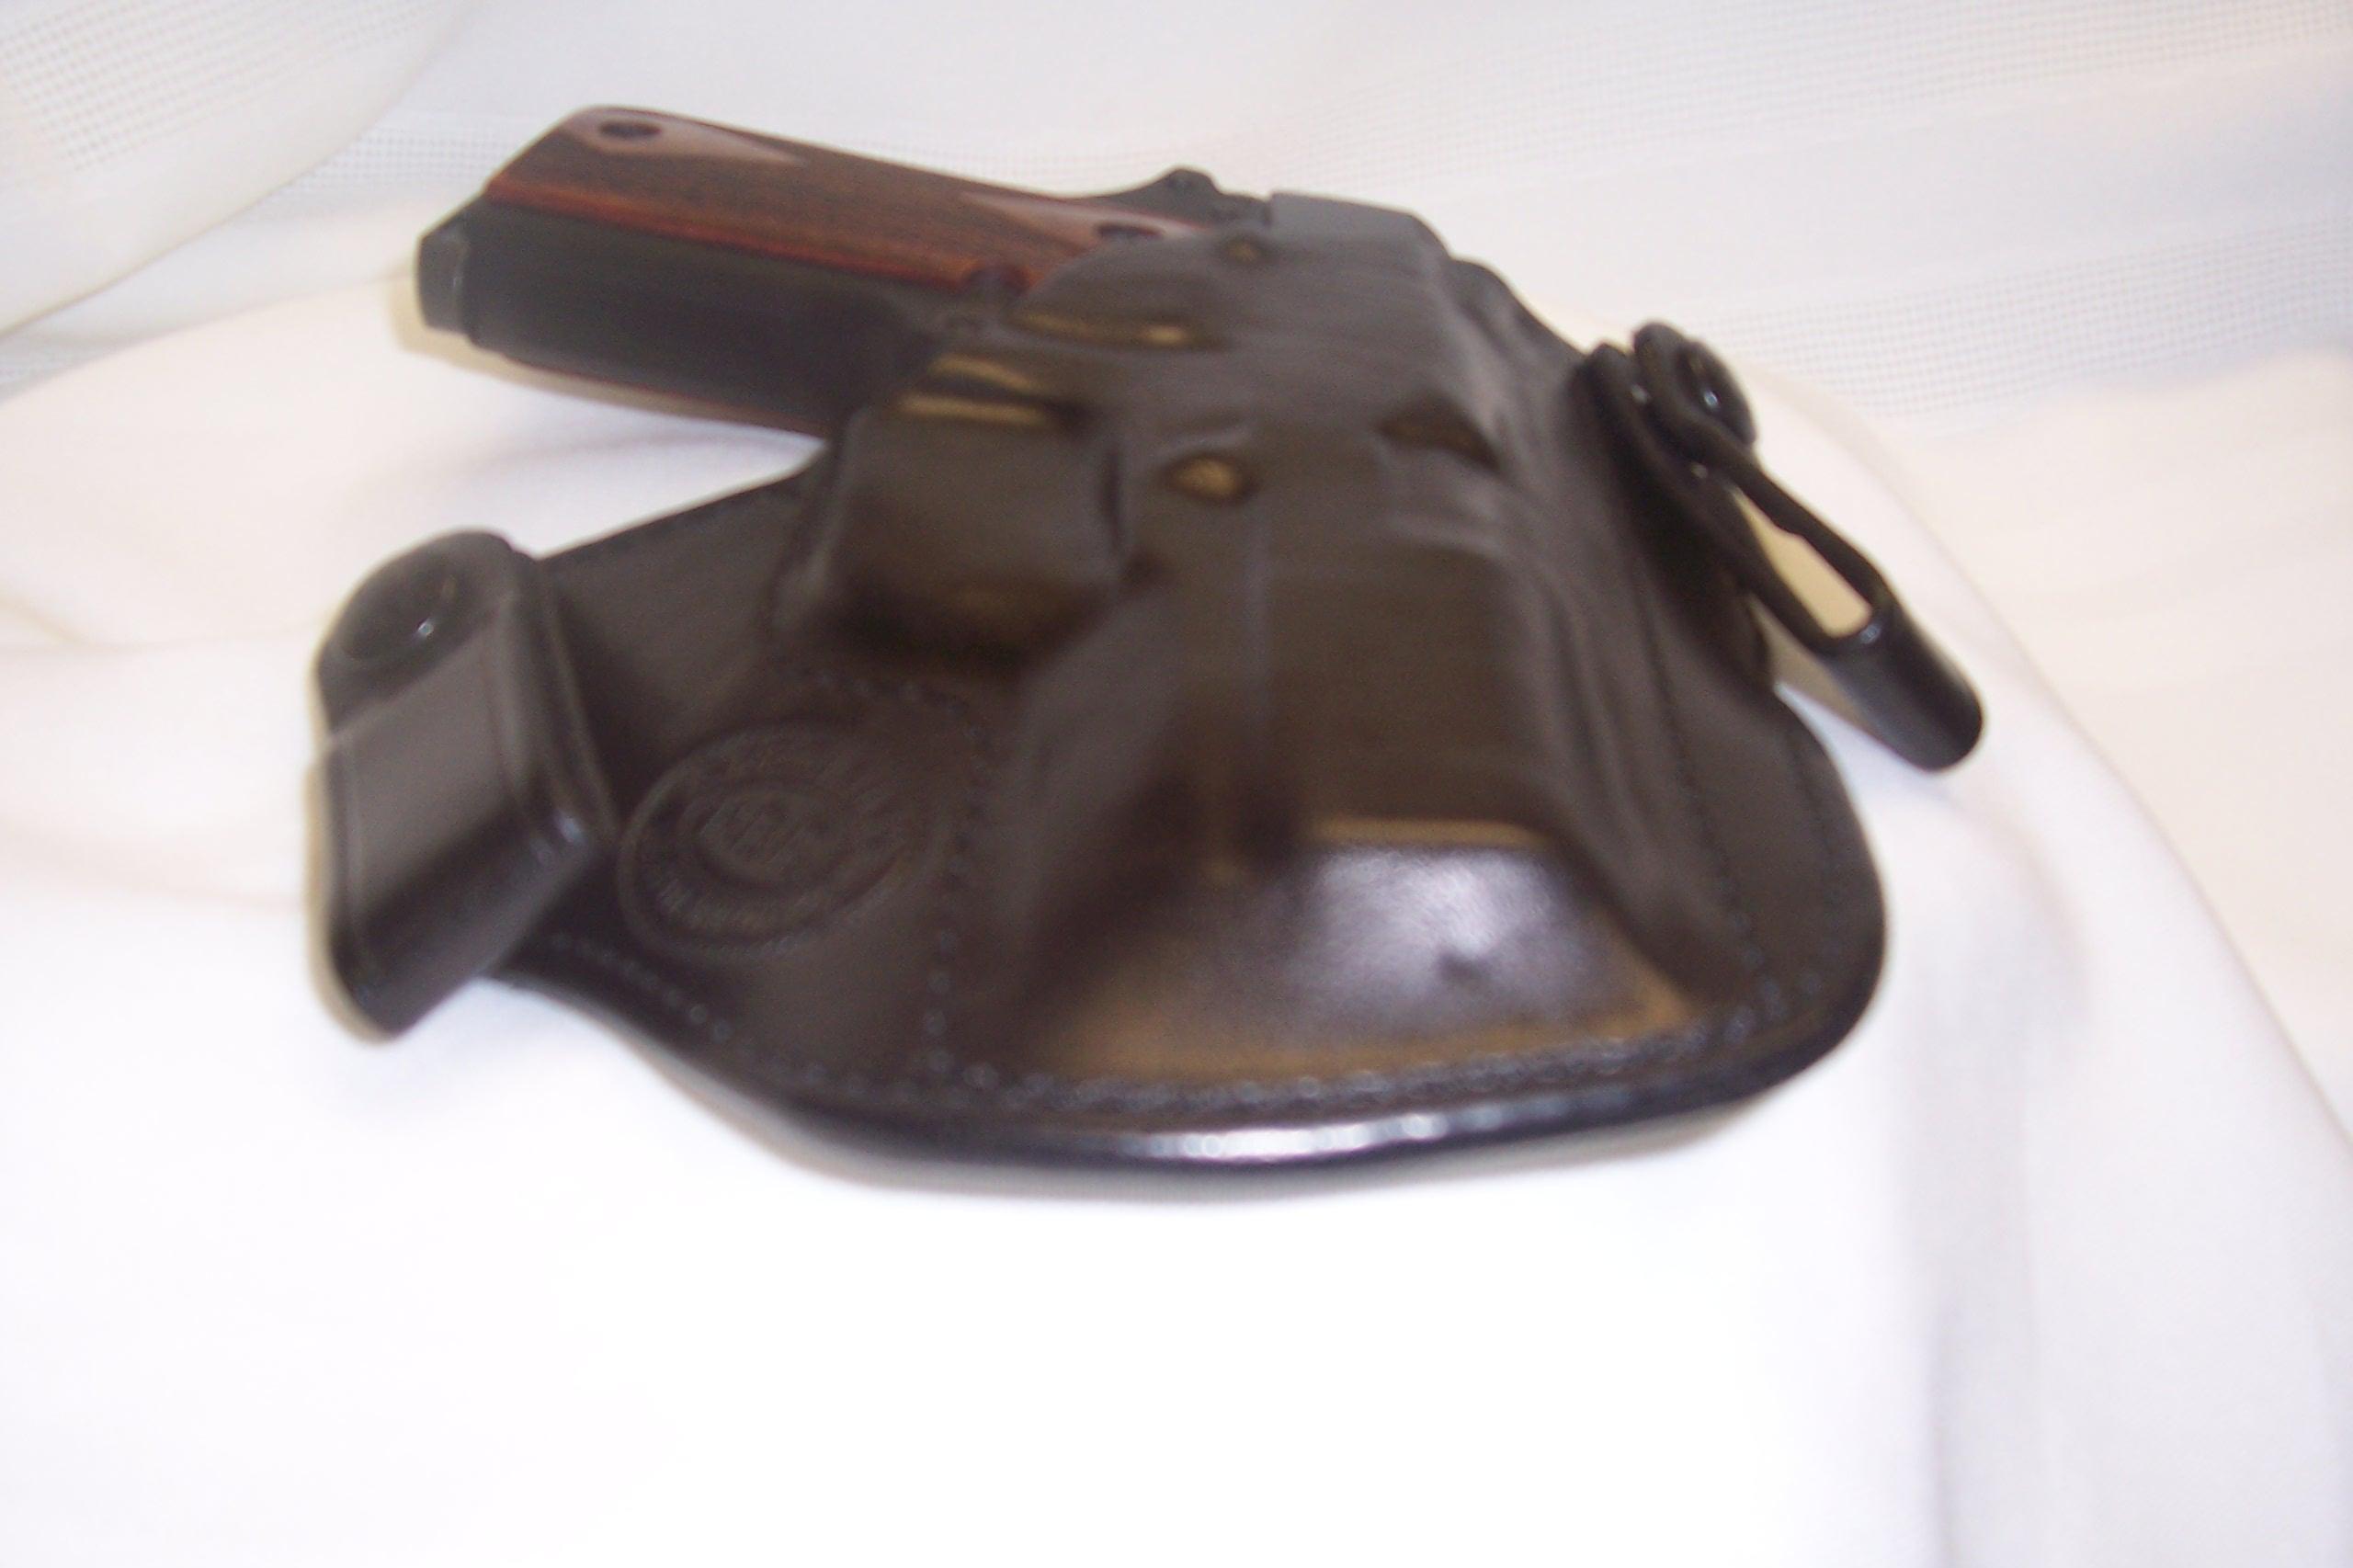 Com3 for Colt New Agent & a story...-100_3124.jpg